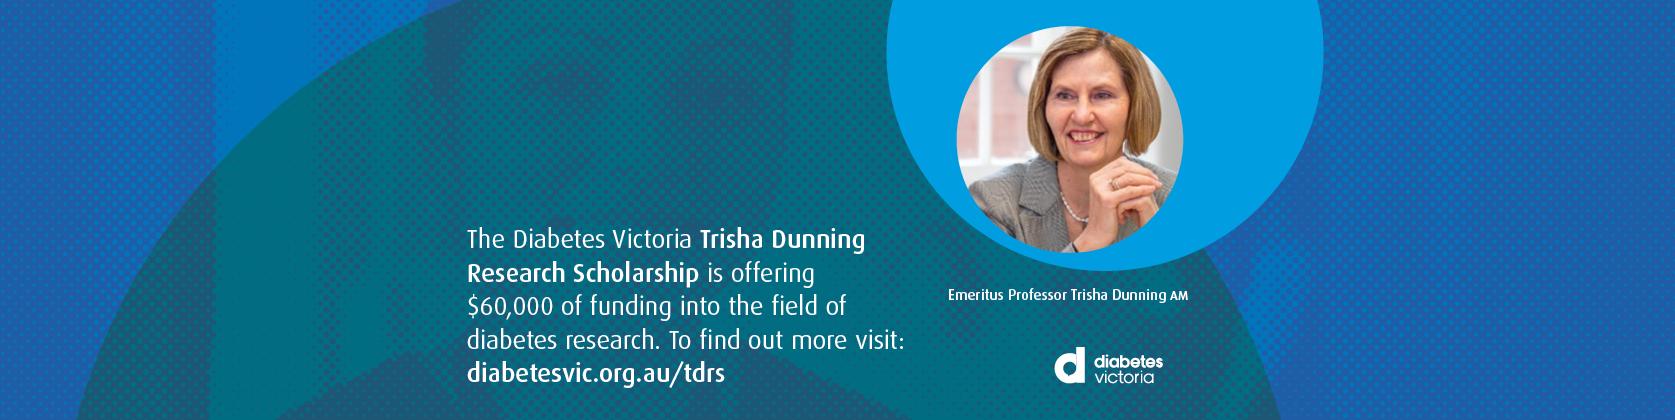 Trisha Dunning Research Scholarship